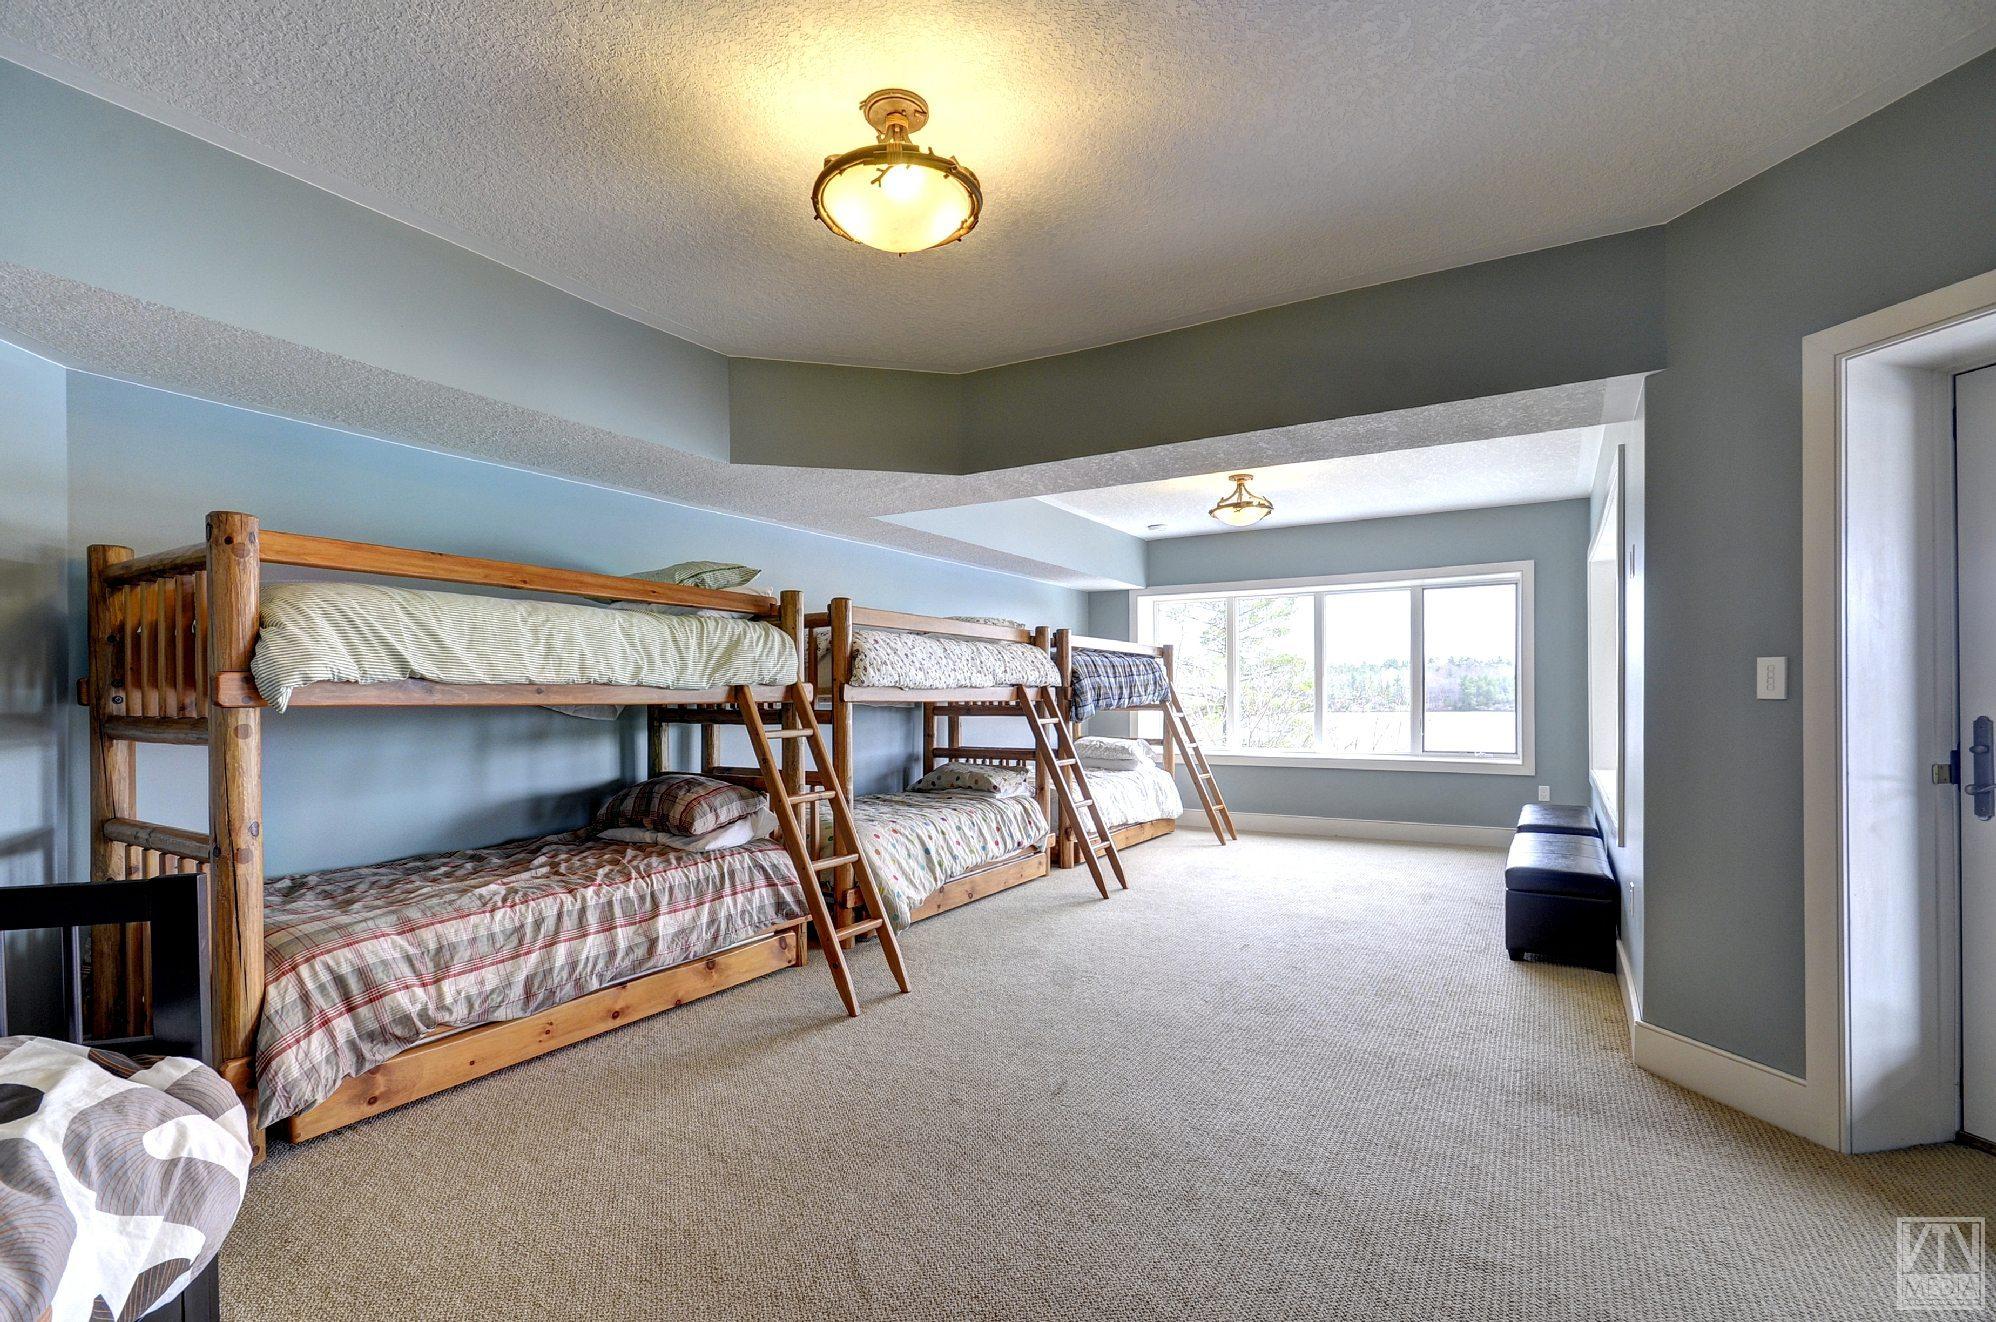 severn-cottage-for-sale-4289-delta-road-west-16